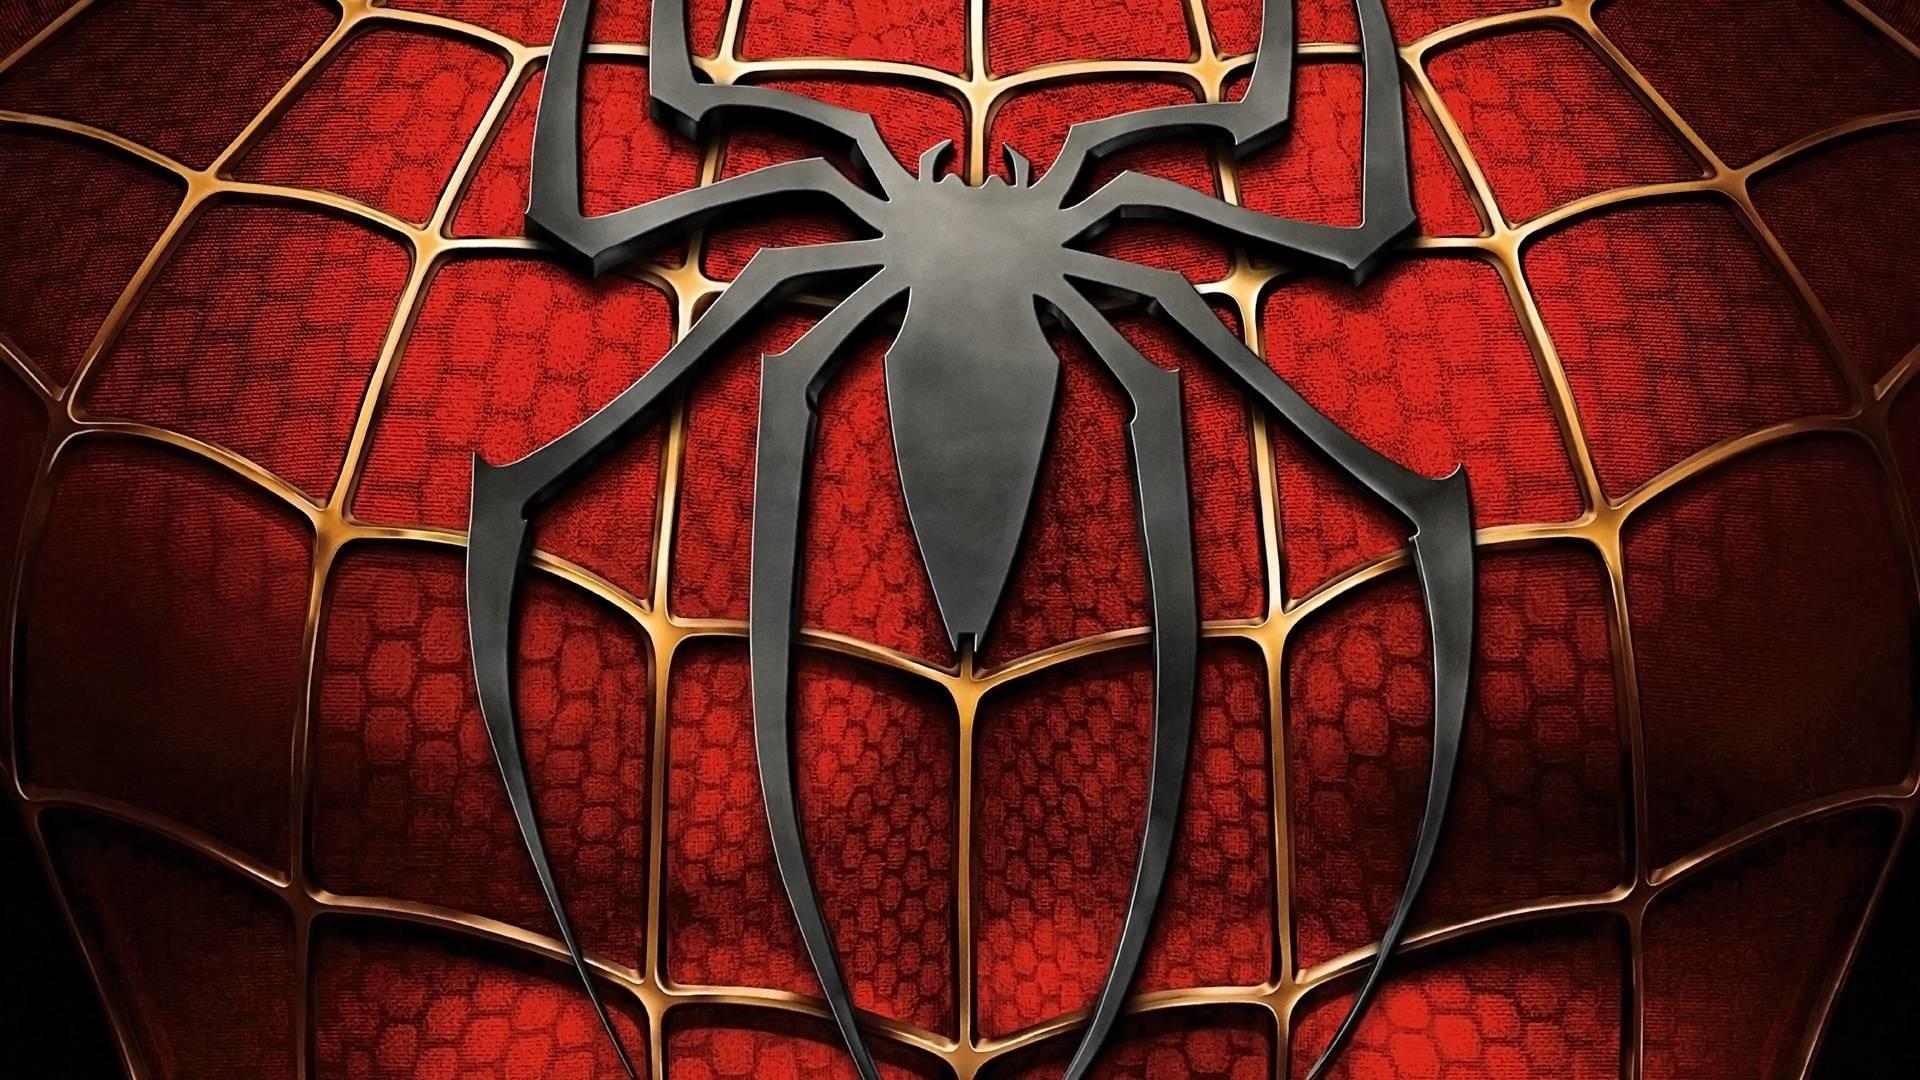 Spiderman Wallpaper Backgrounds Wallpaper | HDMarvelWallpaper